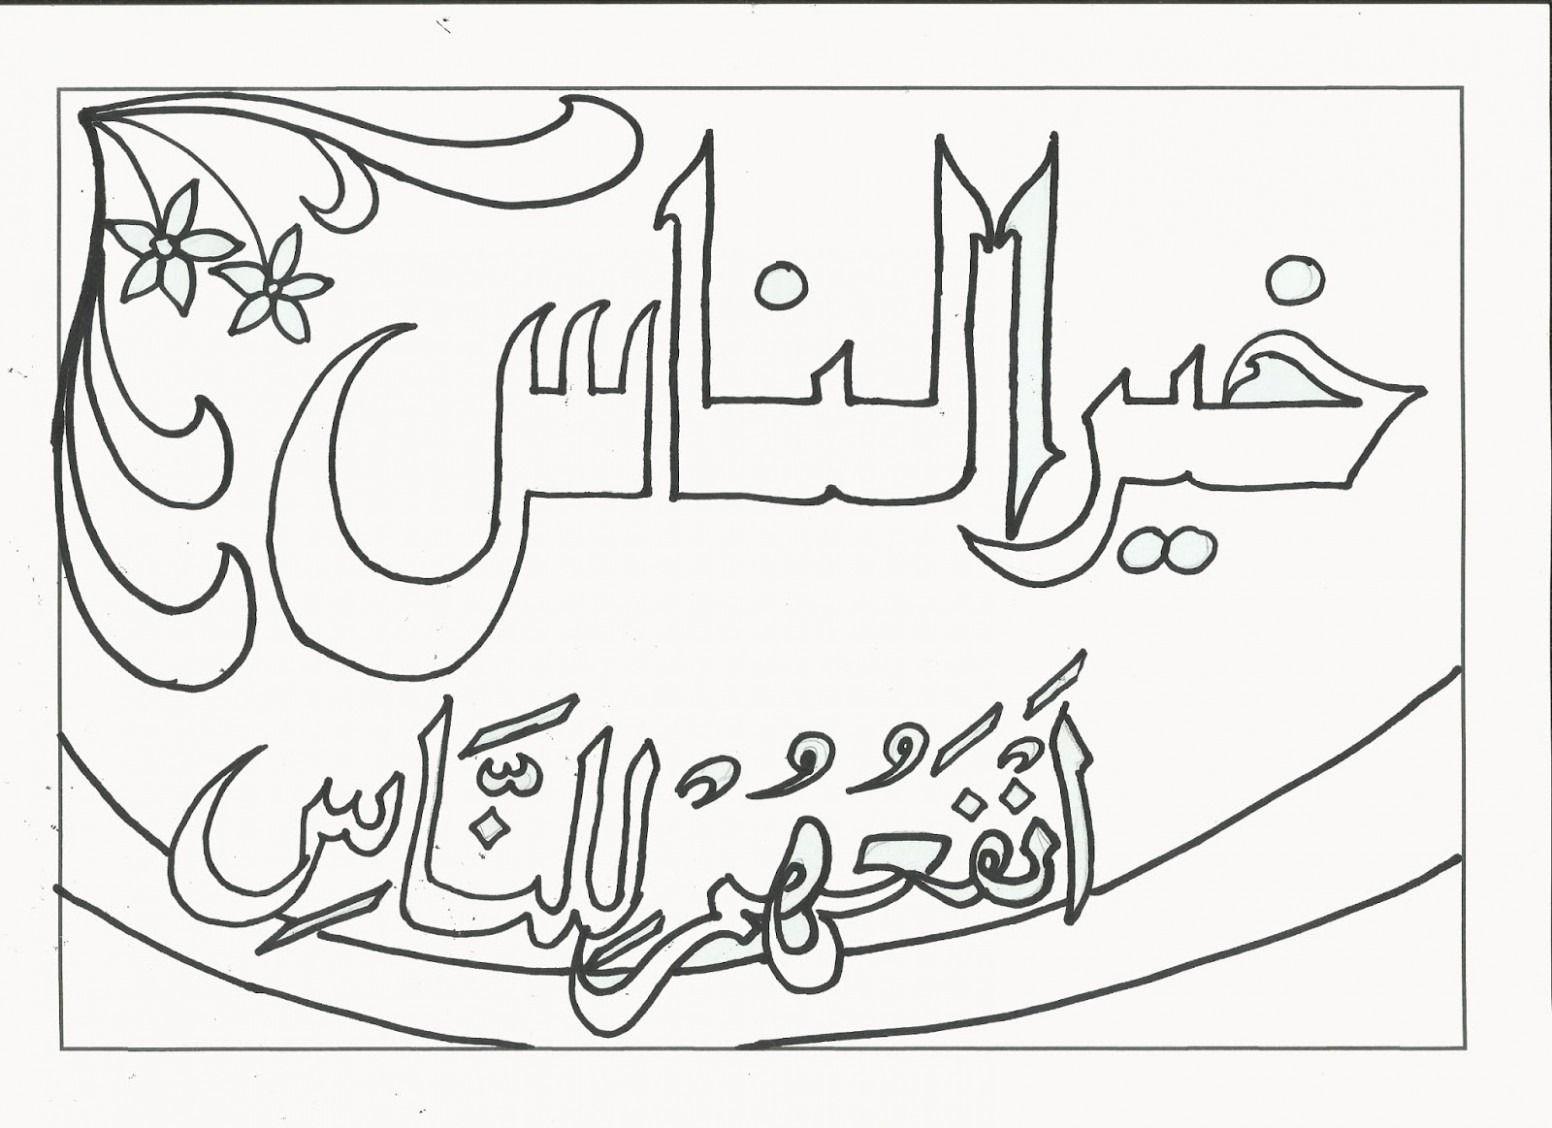 Gambar Mewarnai Kaligrafi Arab Kreasi Warna Kaligrafi Arab Gambar Warna